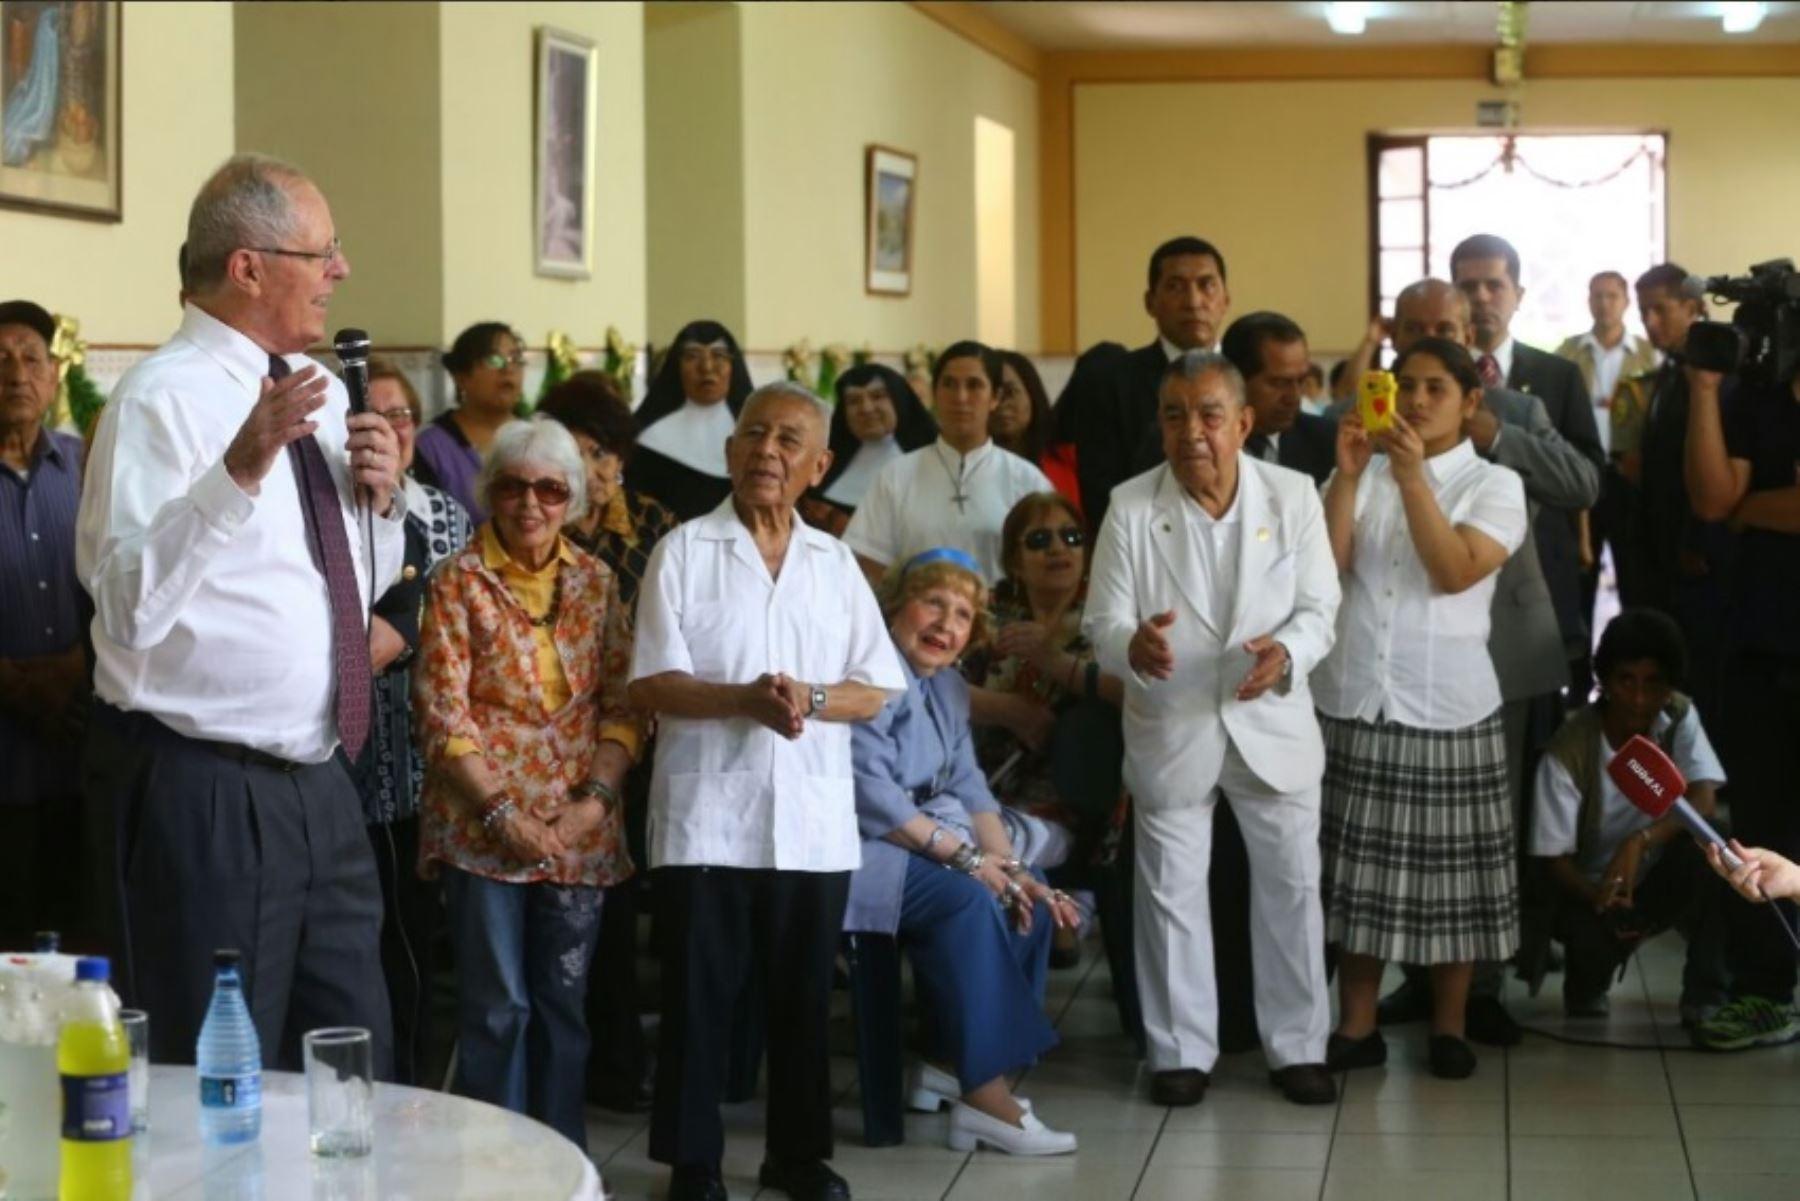 Jefe del estado ofrece apoyo a hogar de ancianos for Asilos para ancianos